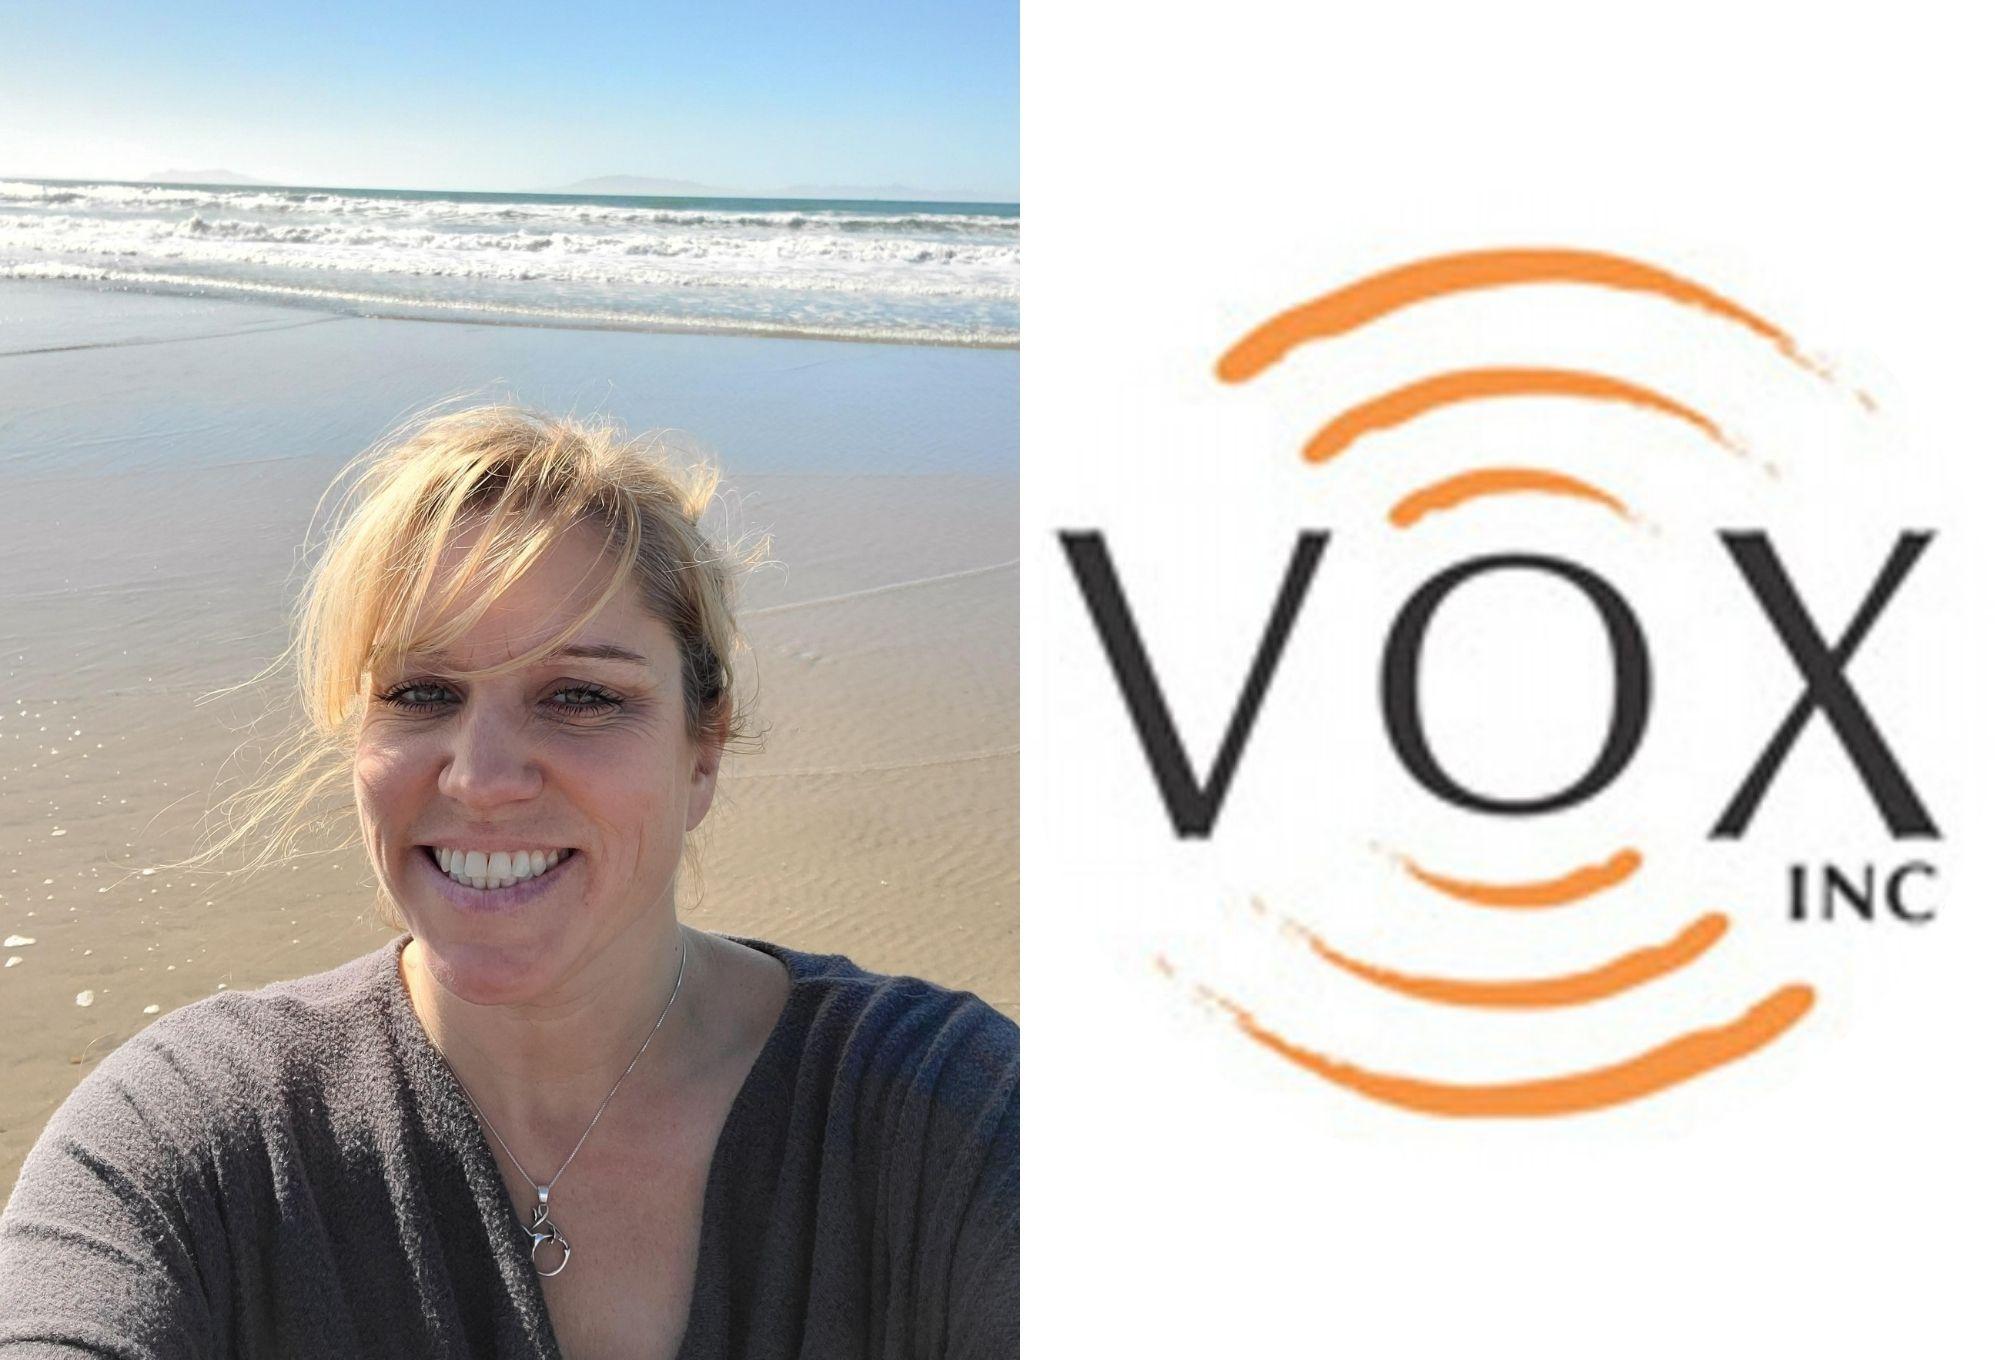 Micaela Hicks, Vox Inc.